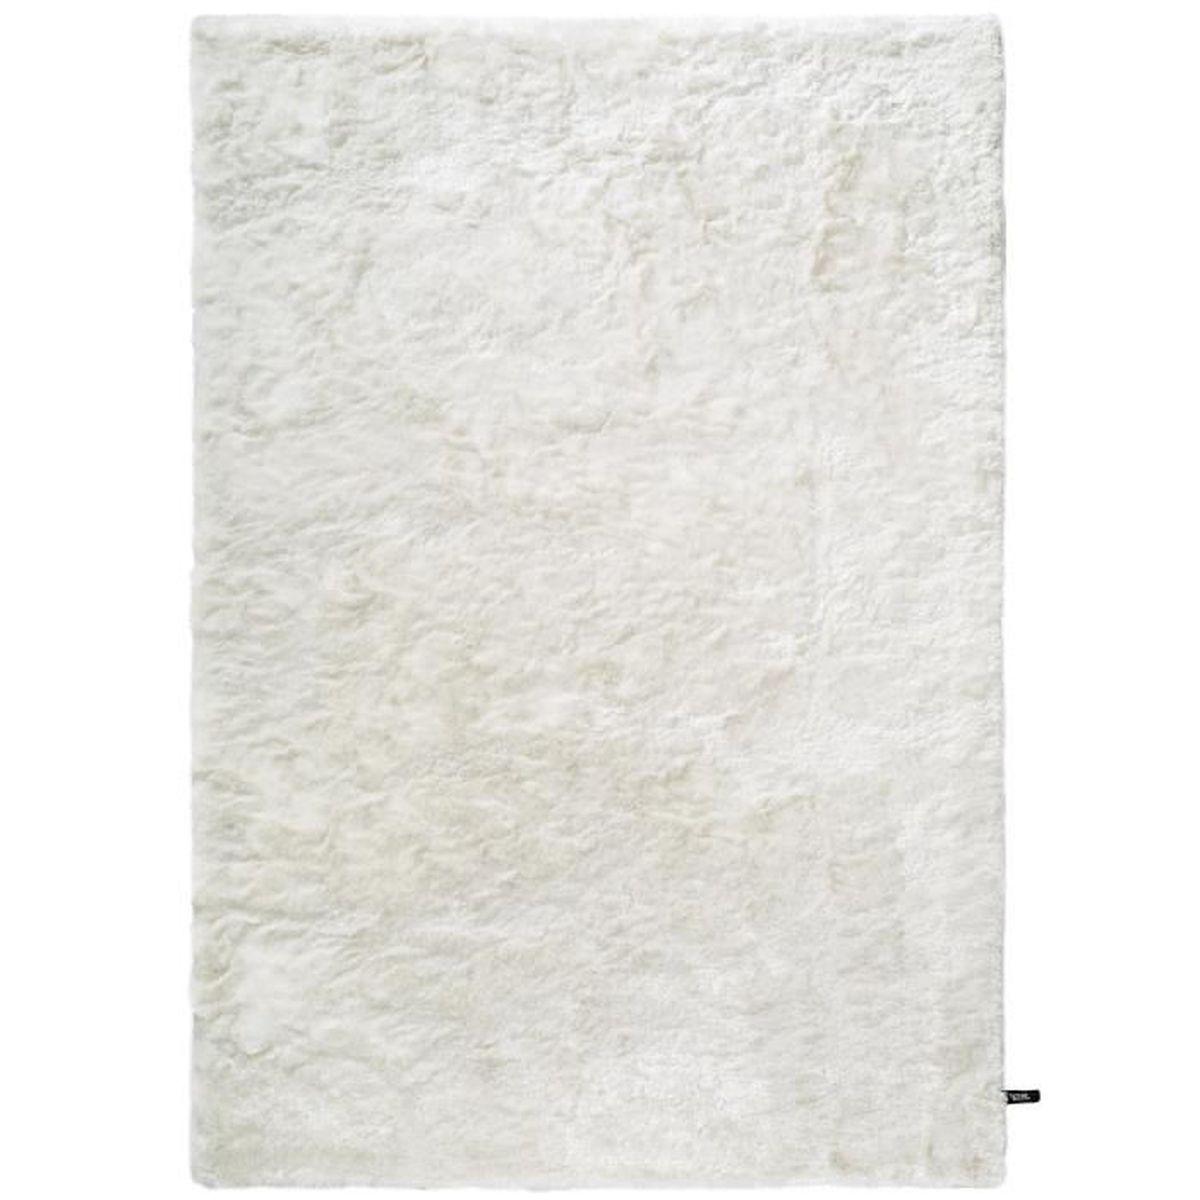 Tapis Long Poil Blanc tapis shaggy à poils longs whisper blanc 200x290 cm - tapis